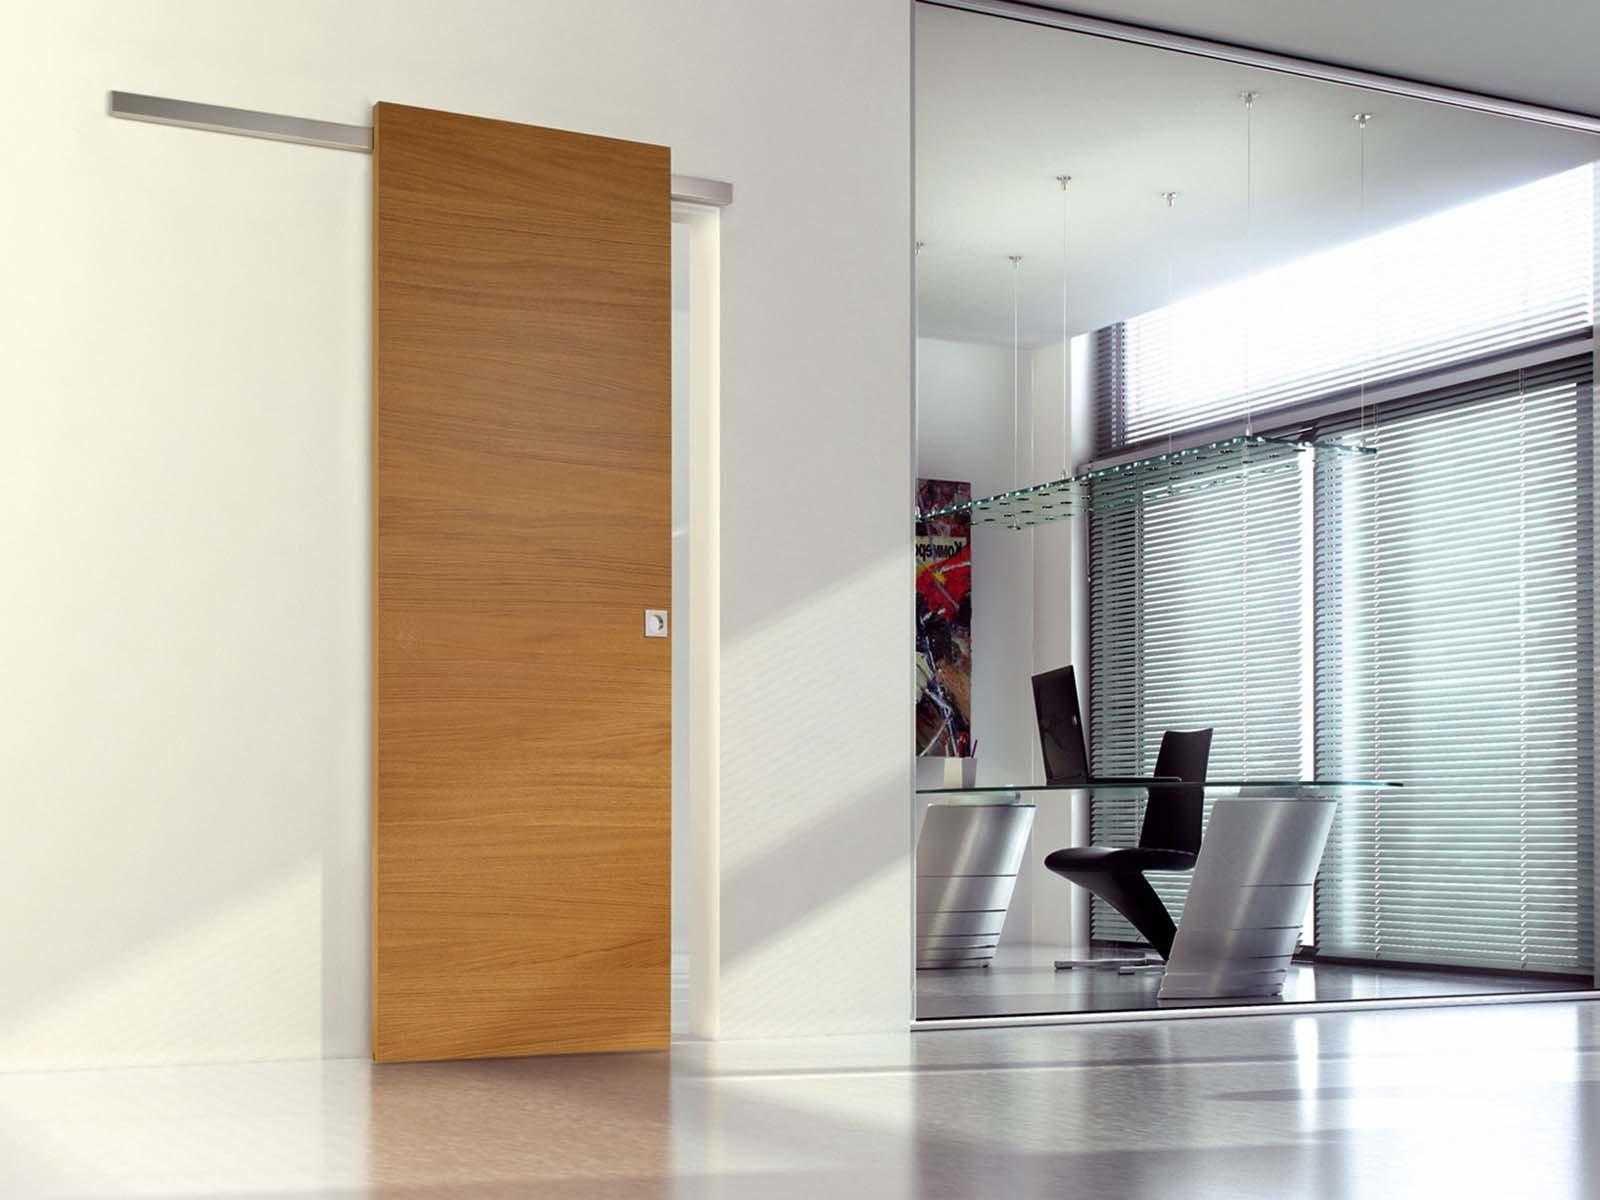 Установка раздвижных дверей: последовательность выполнения работ, тонкости и нюансы технологии